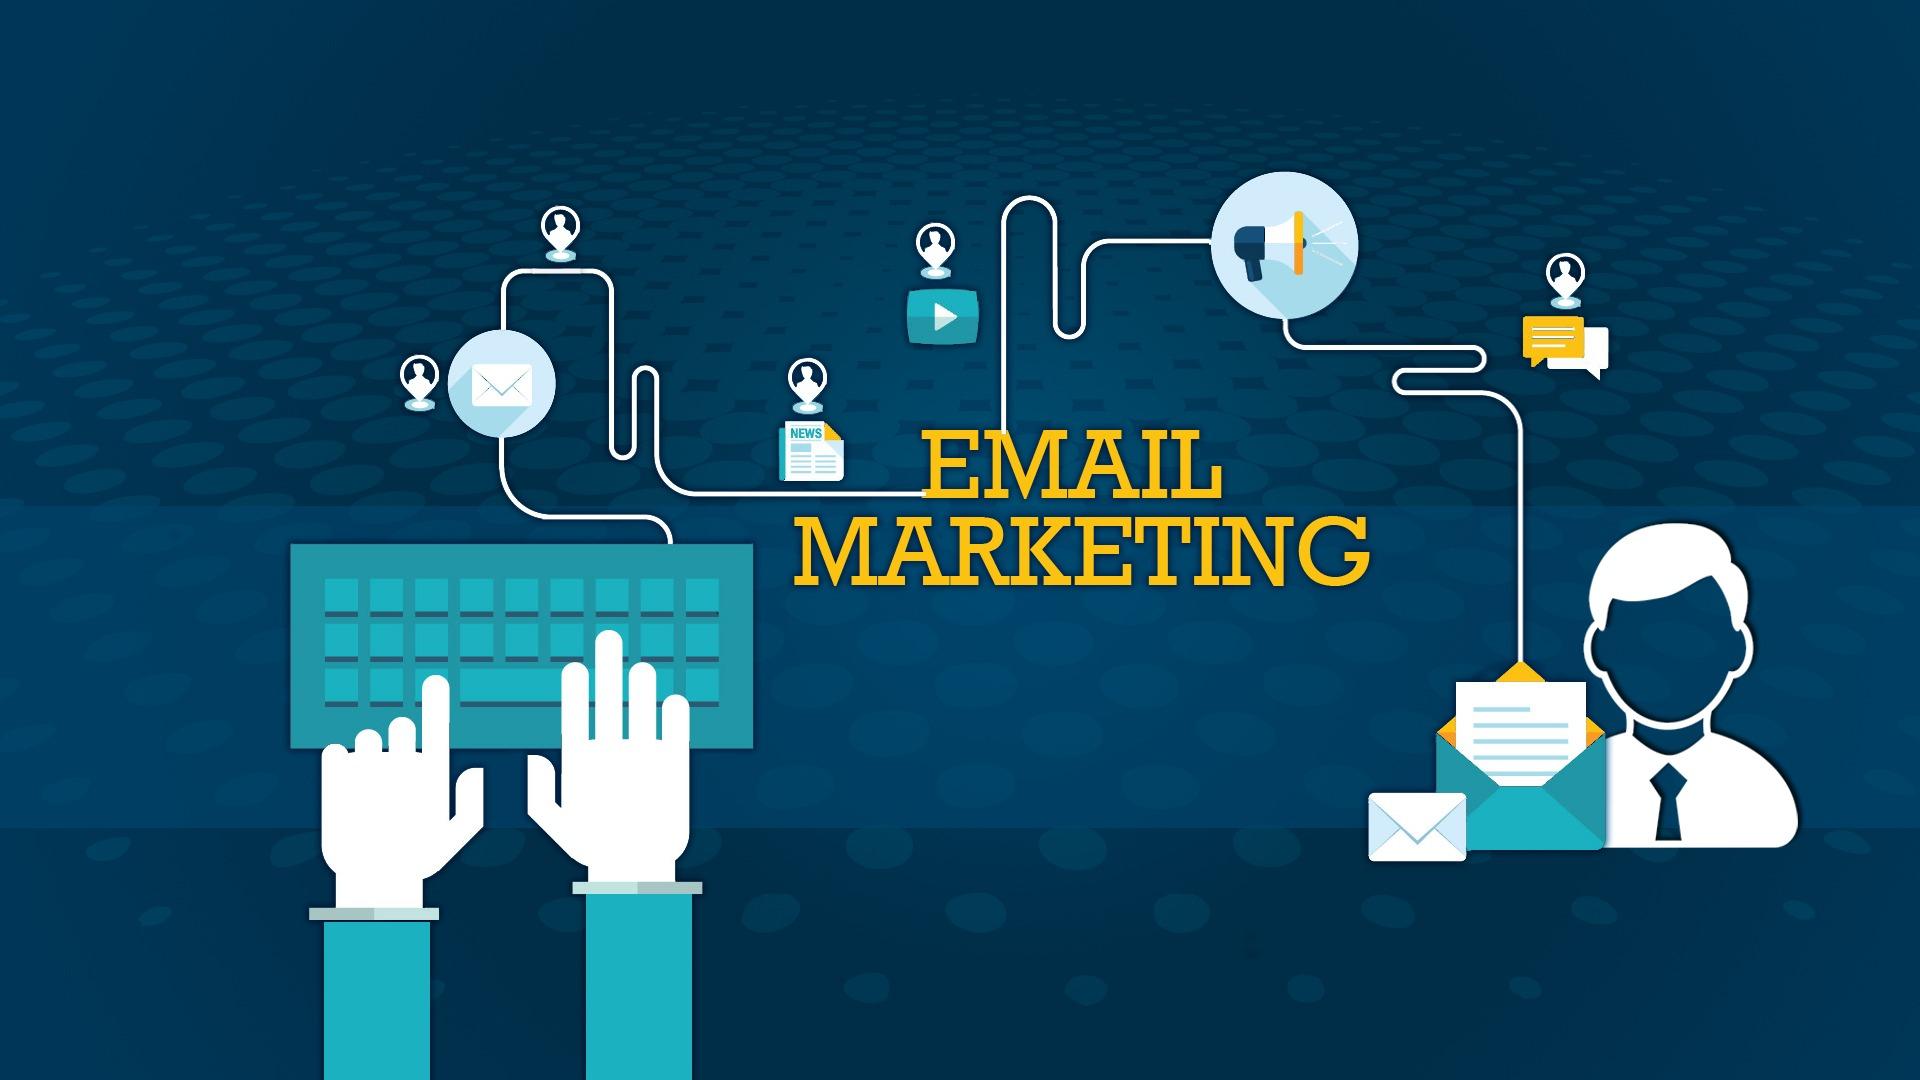 Email Marketing là gì? Làm sao để triển khai Email Marketing hiệu quả?